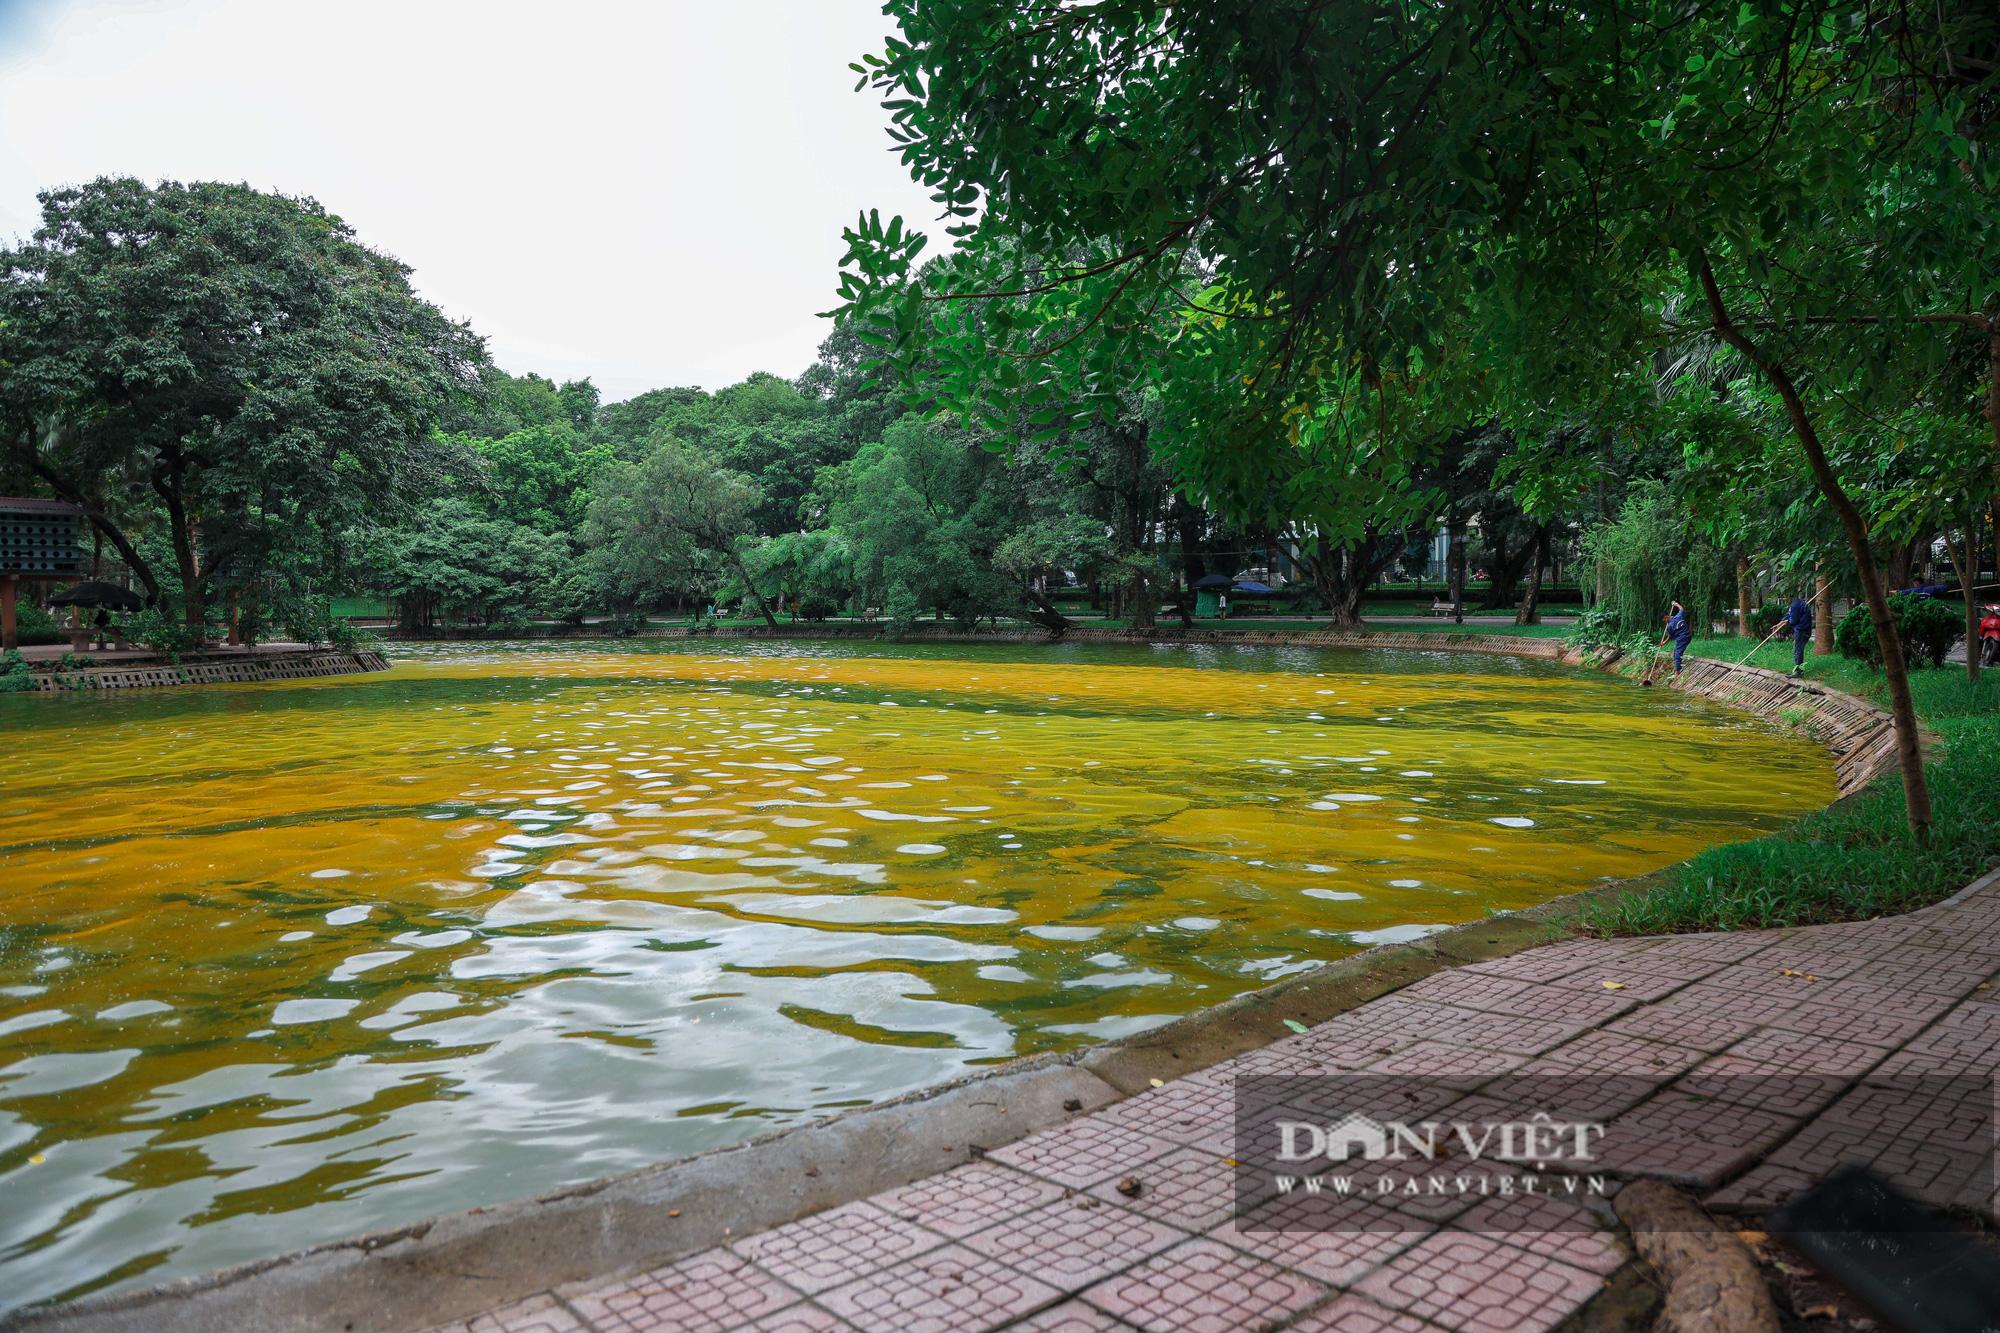 Hà Nội: Mặt nước hồ Bách Thảo bất ngờ chuyển màu vàng lạ mắt - Ảnh 2.